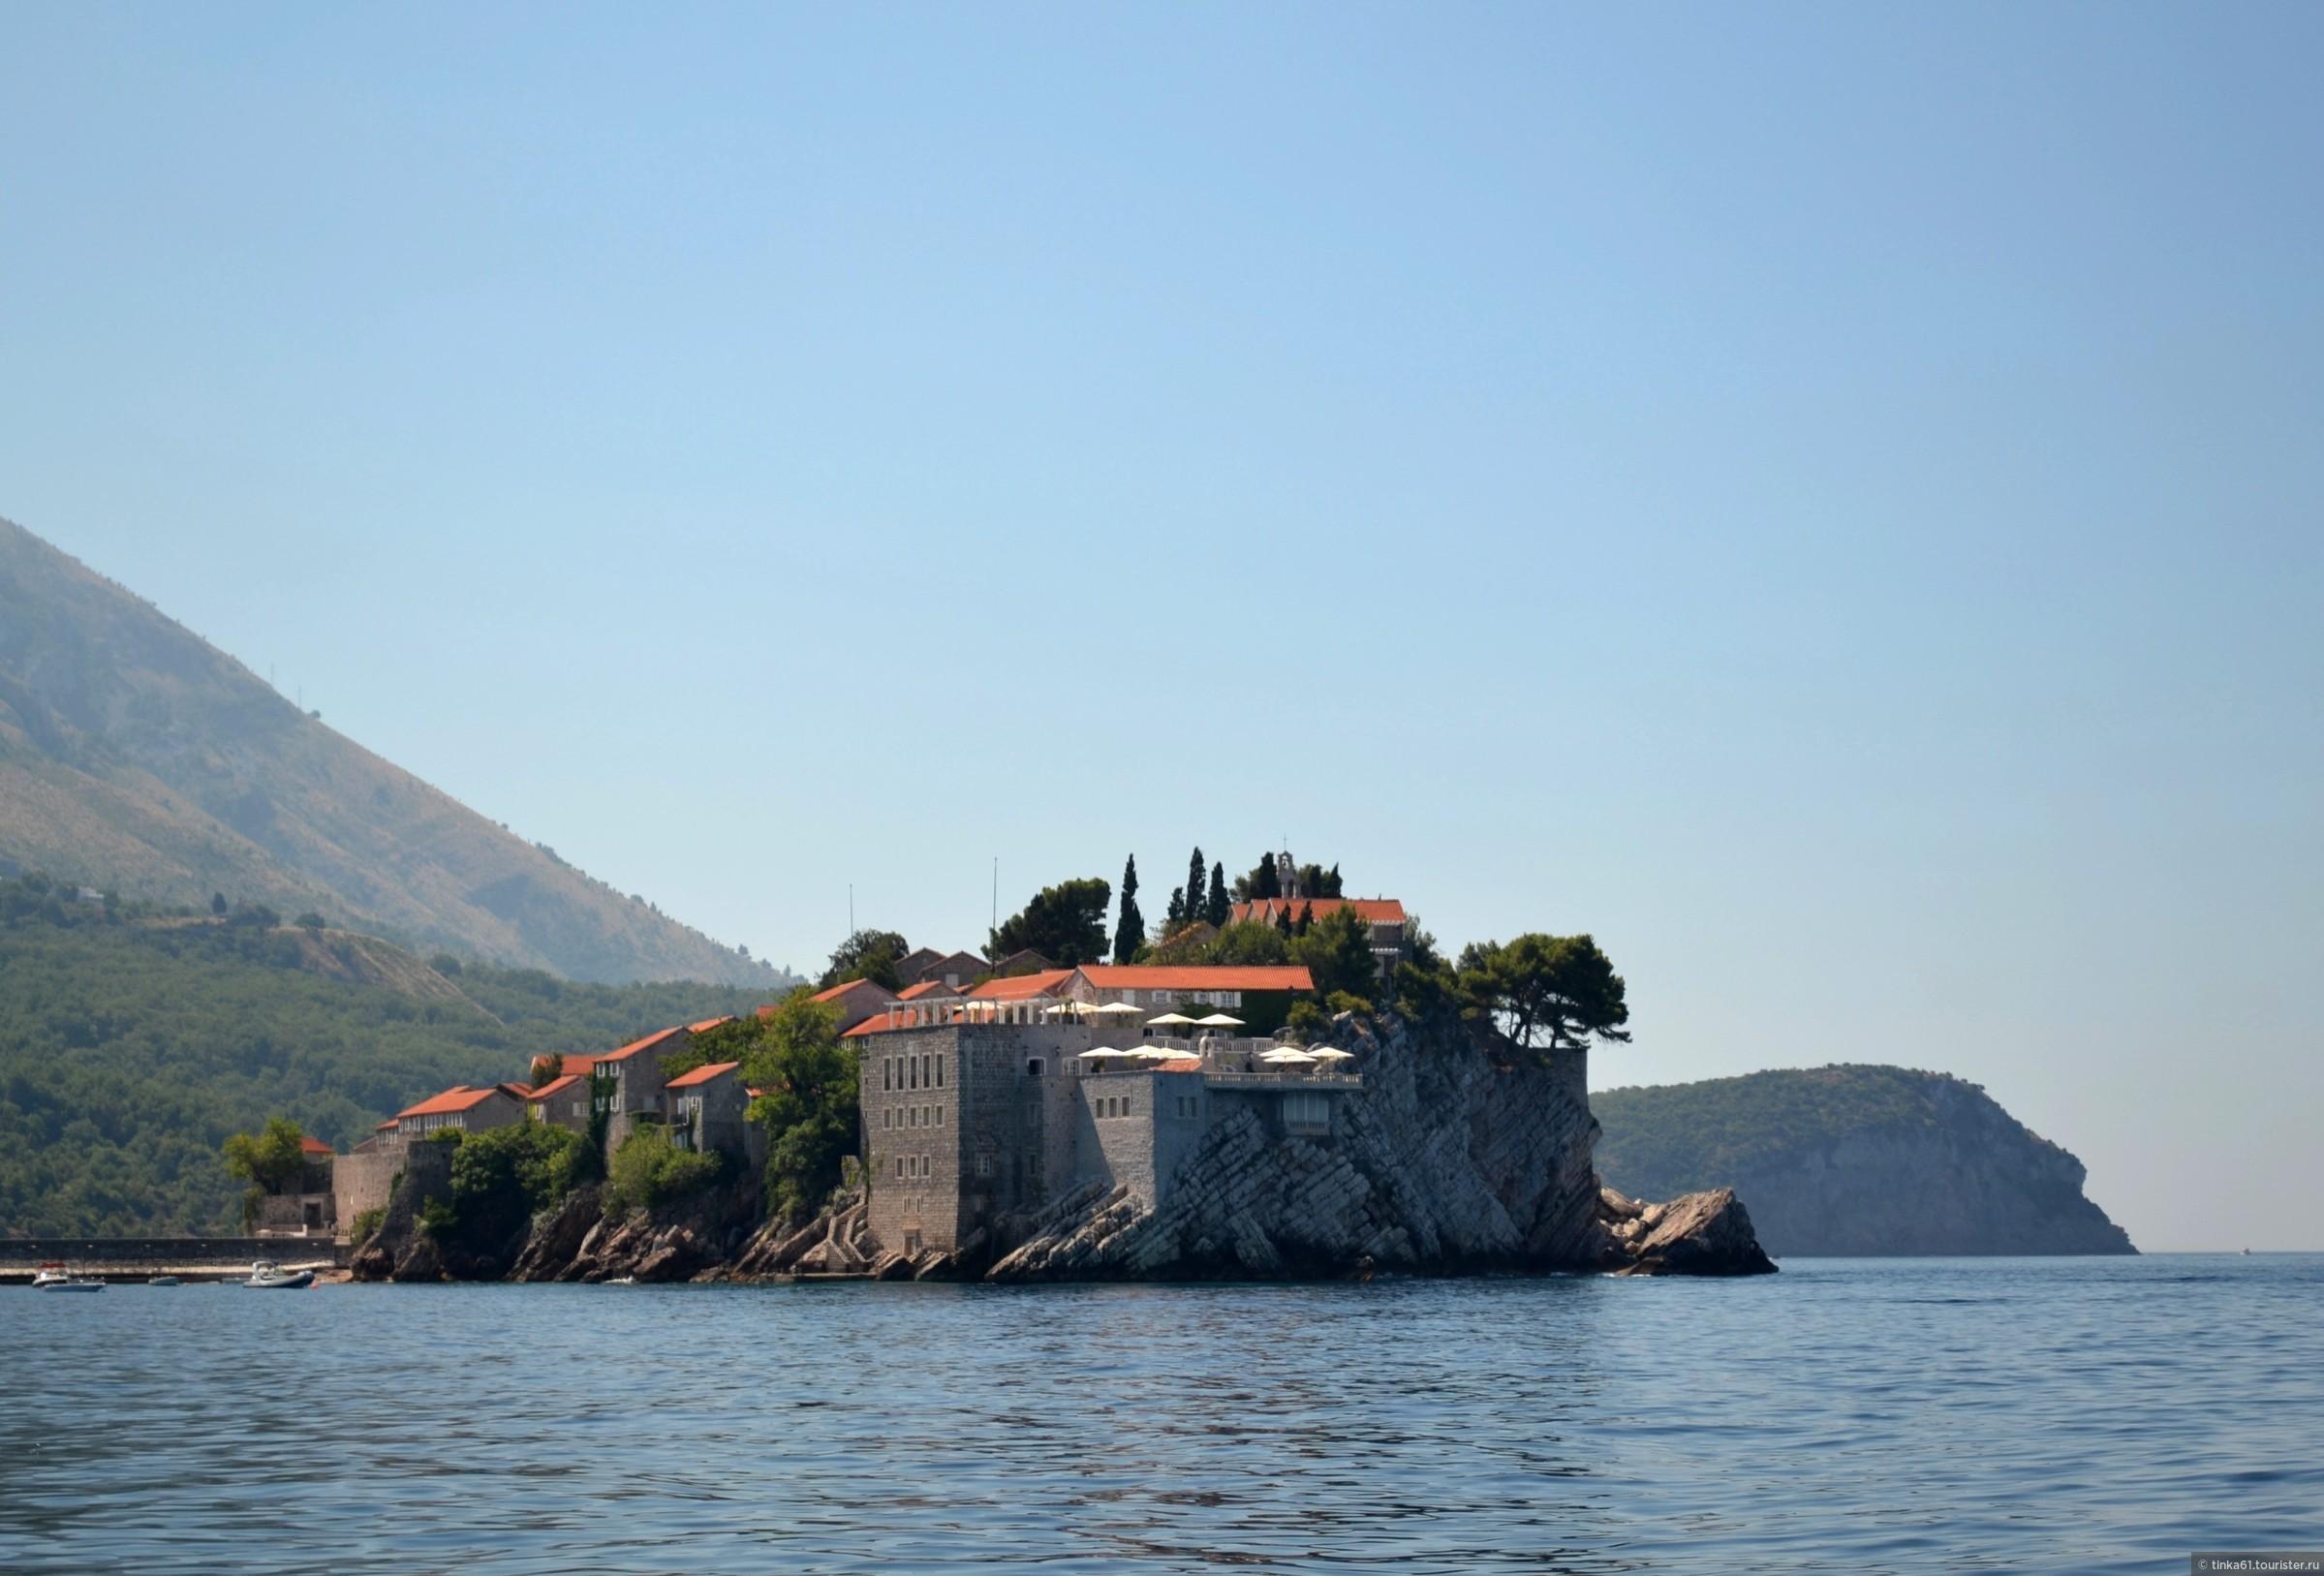 что-то делает, фото лютера черногории потуральски наслаждаются обществом